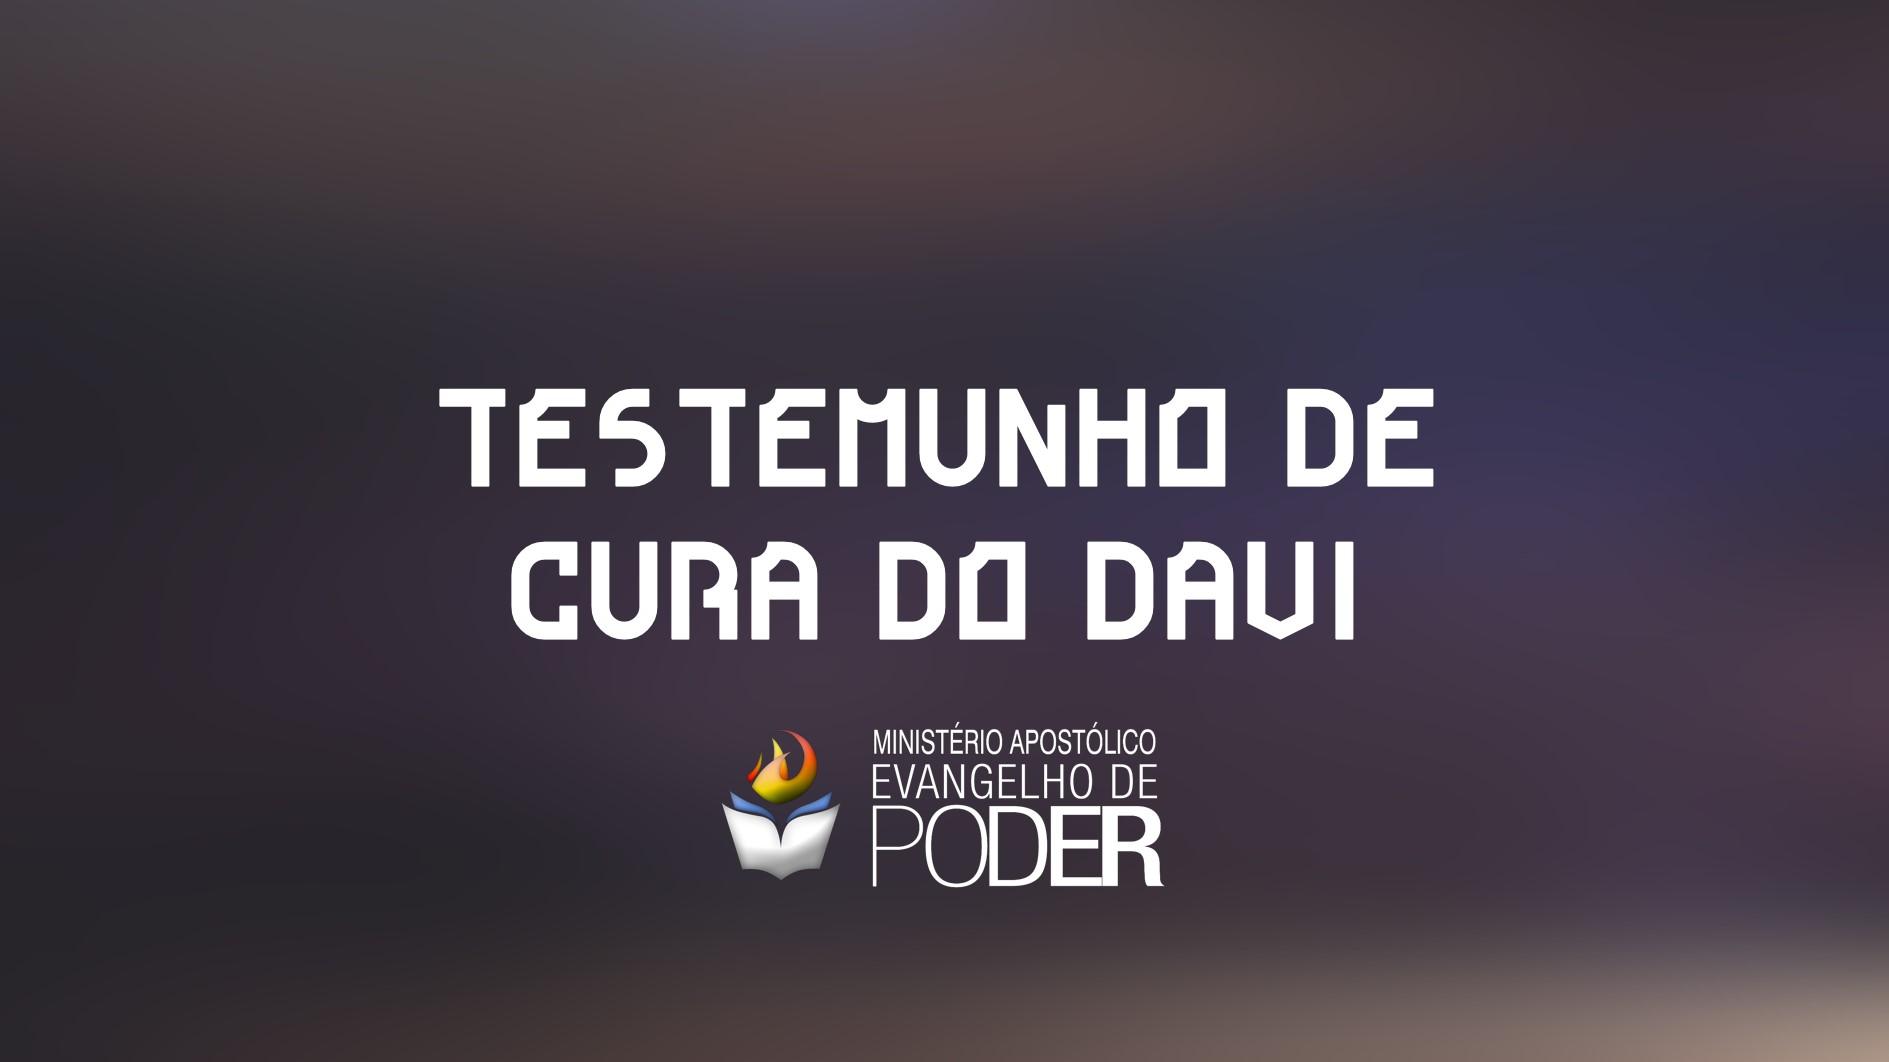 TESTEMUNHO DE CURA DO DAVI